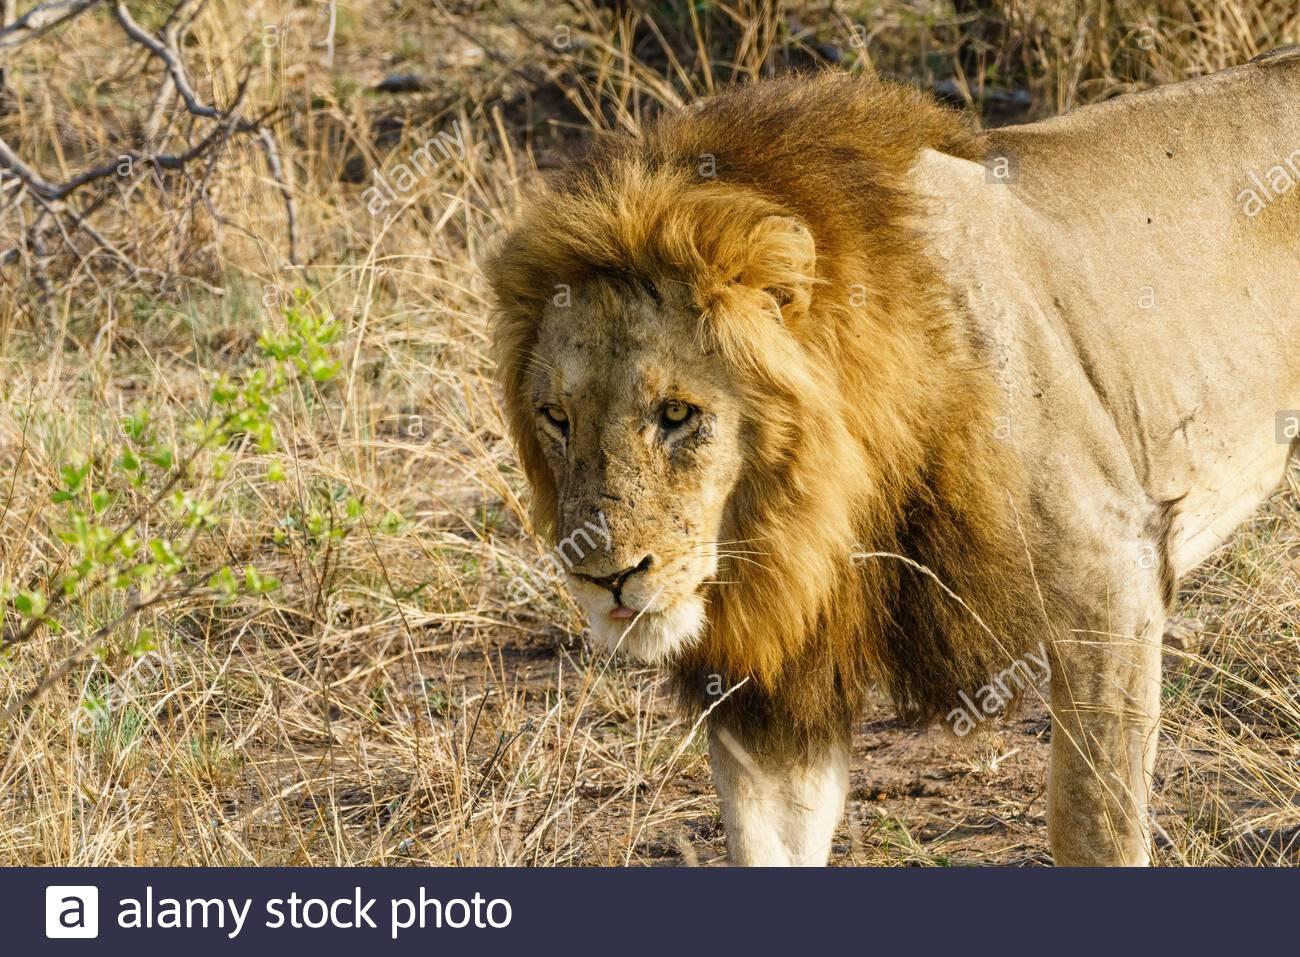 Lion (Panthera leo) taken in South Africa Stock Photo